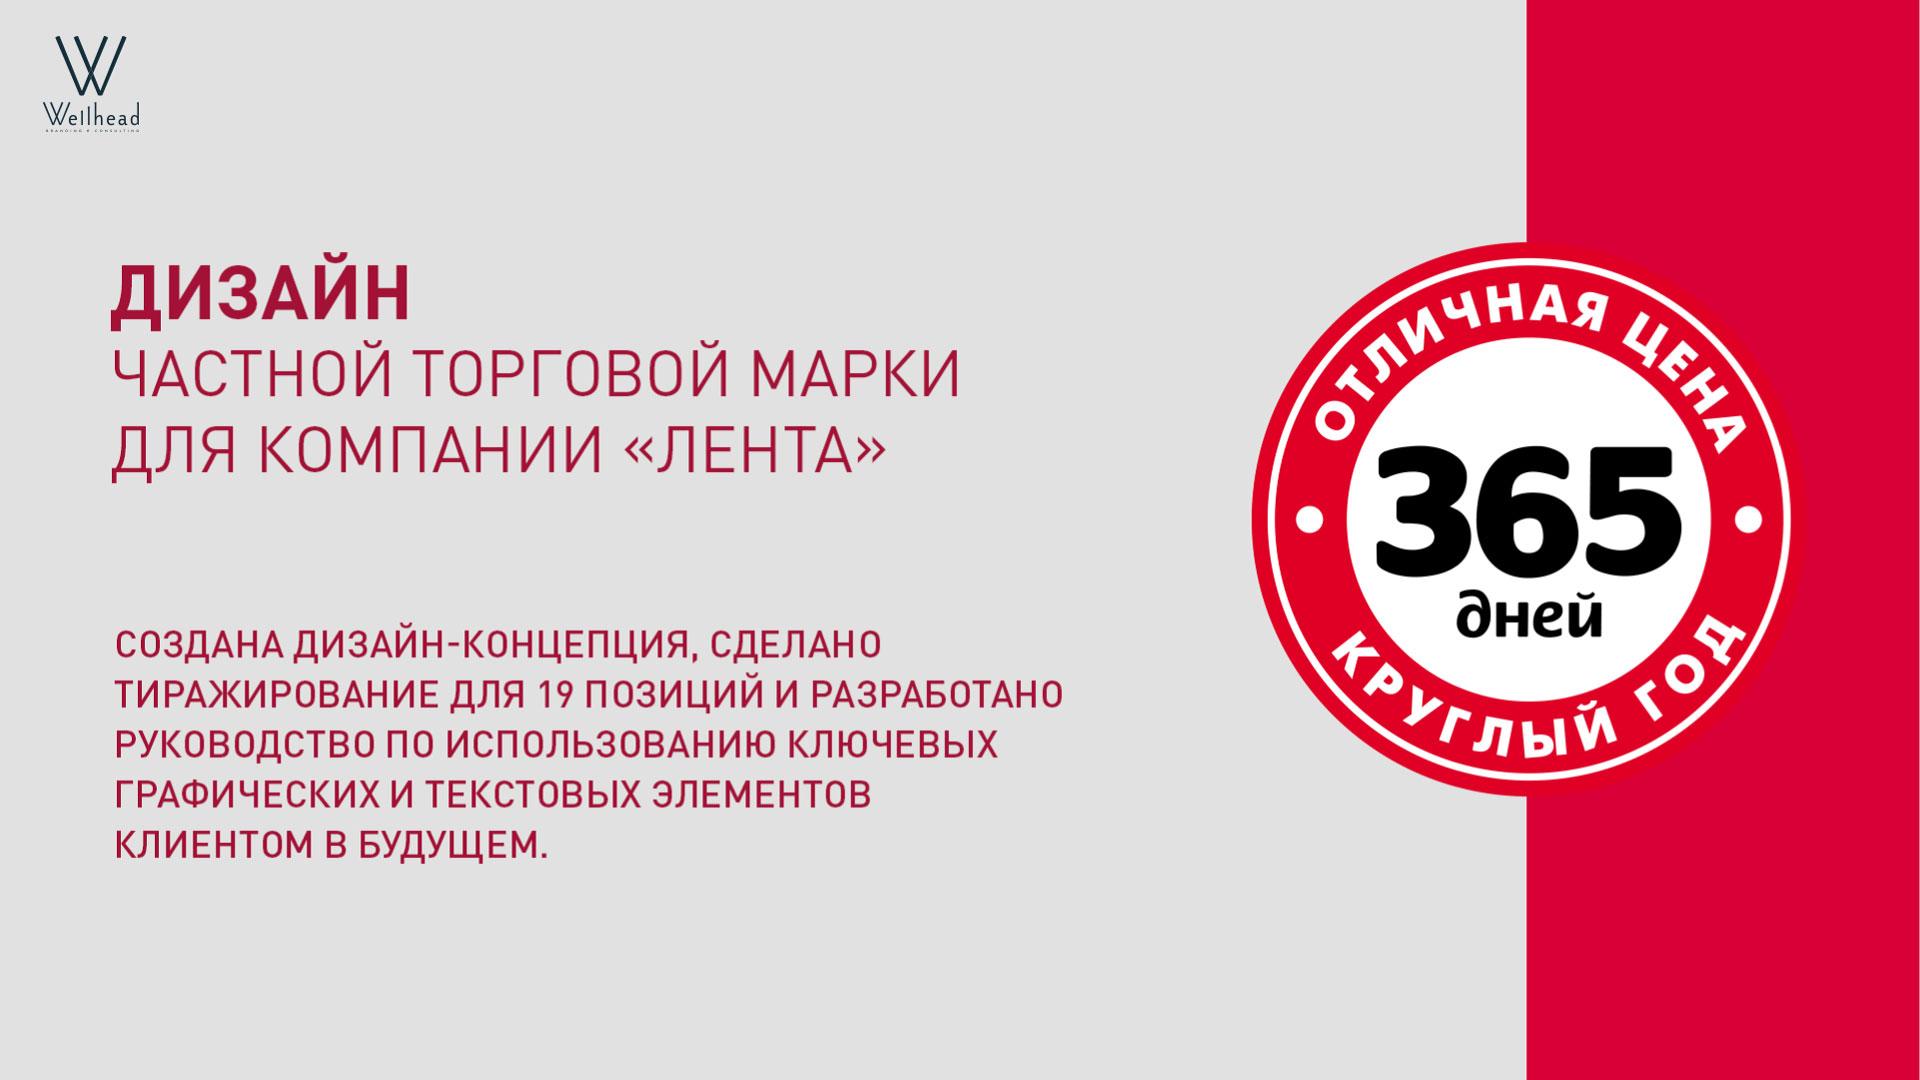 Дизайн СТМ Лента 365